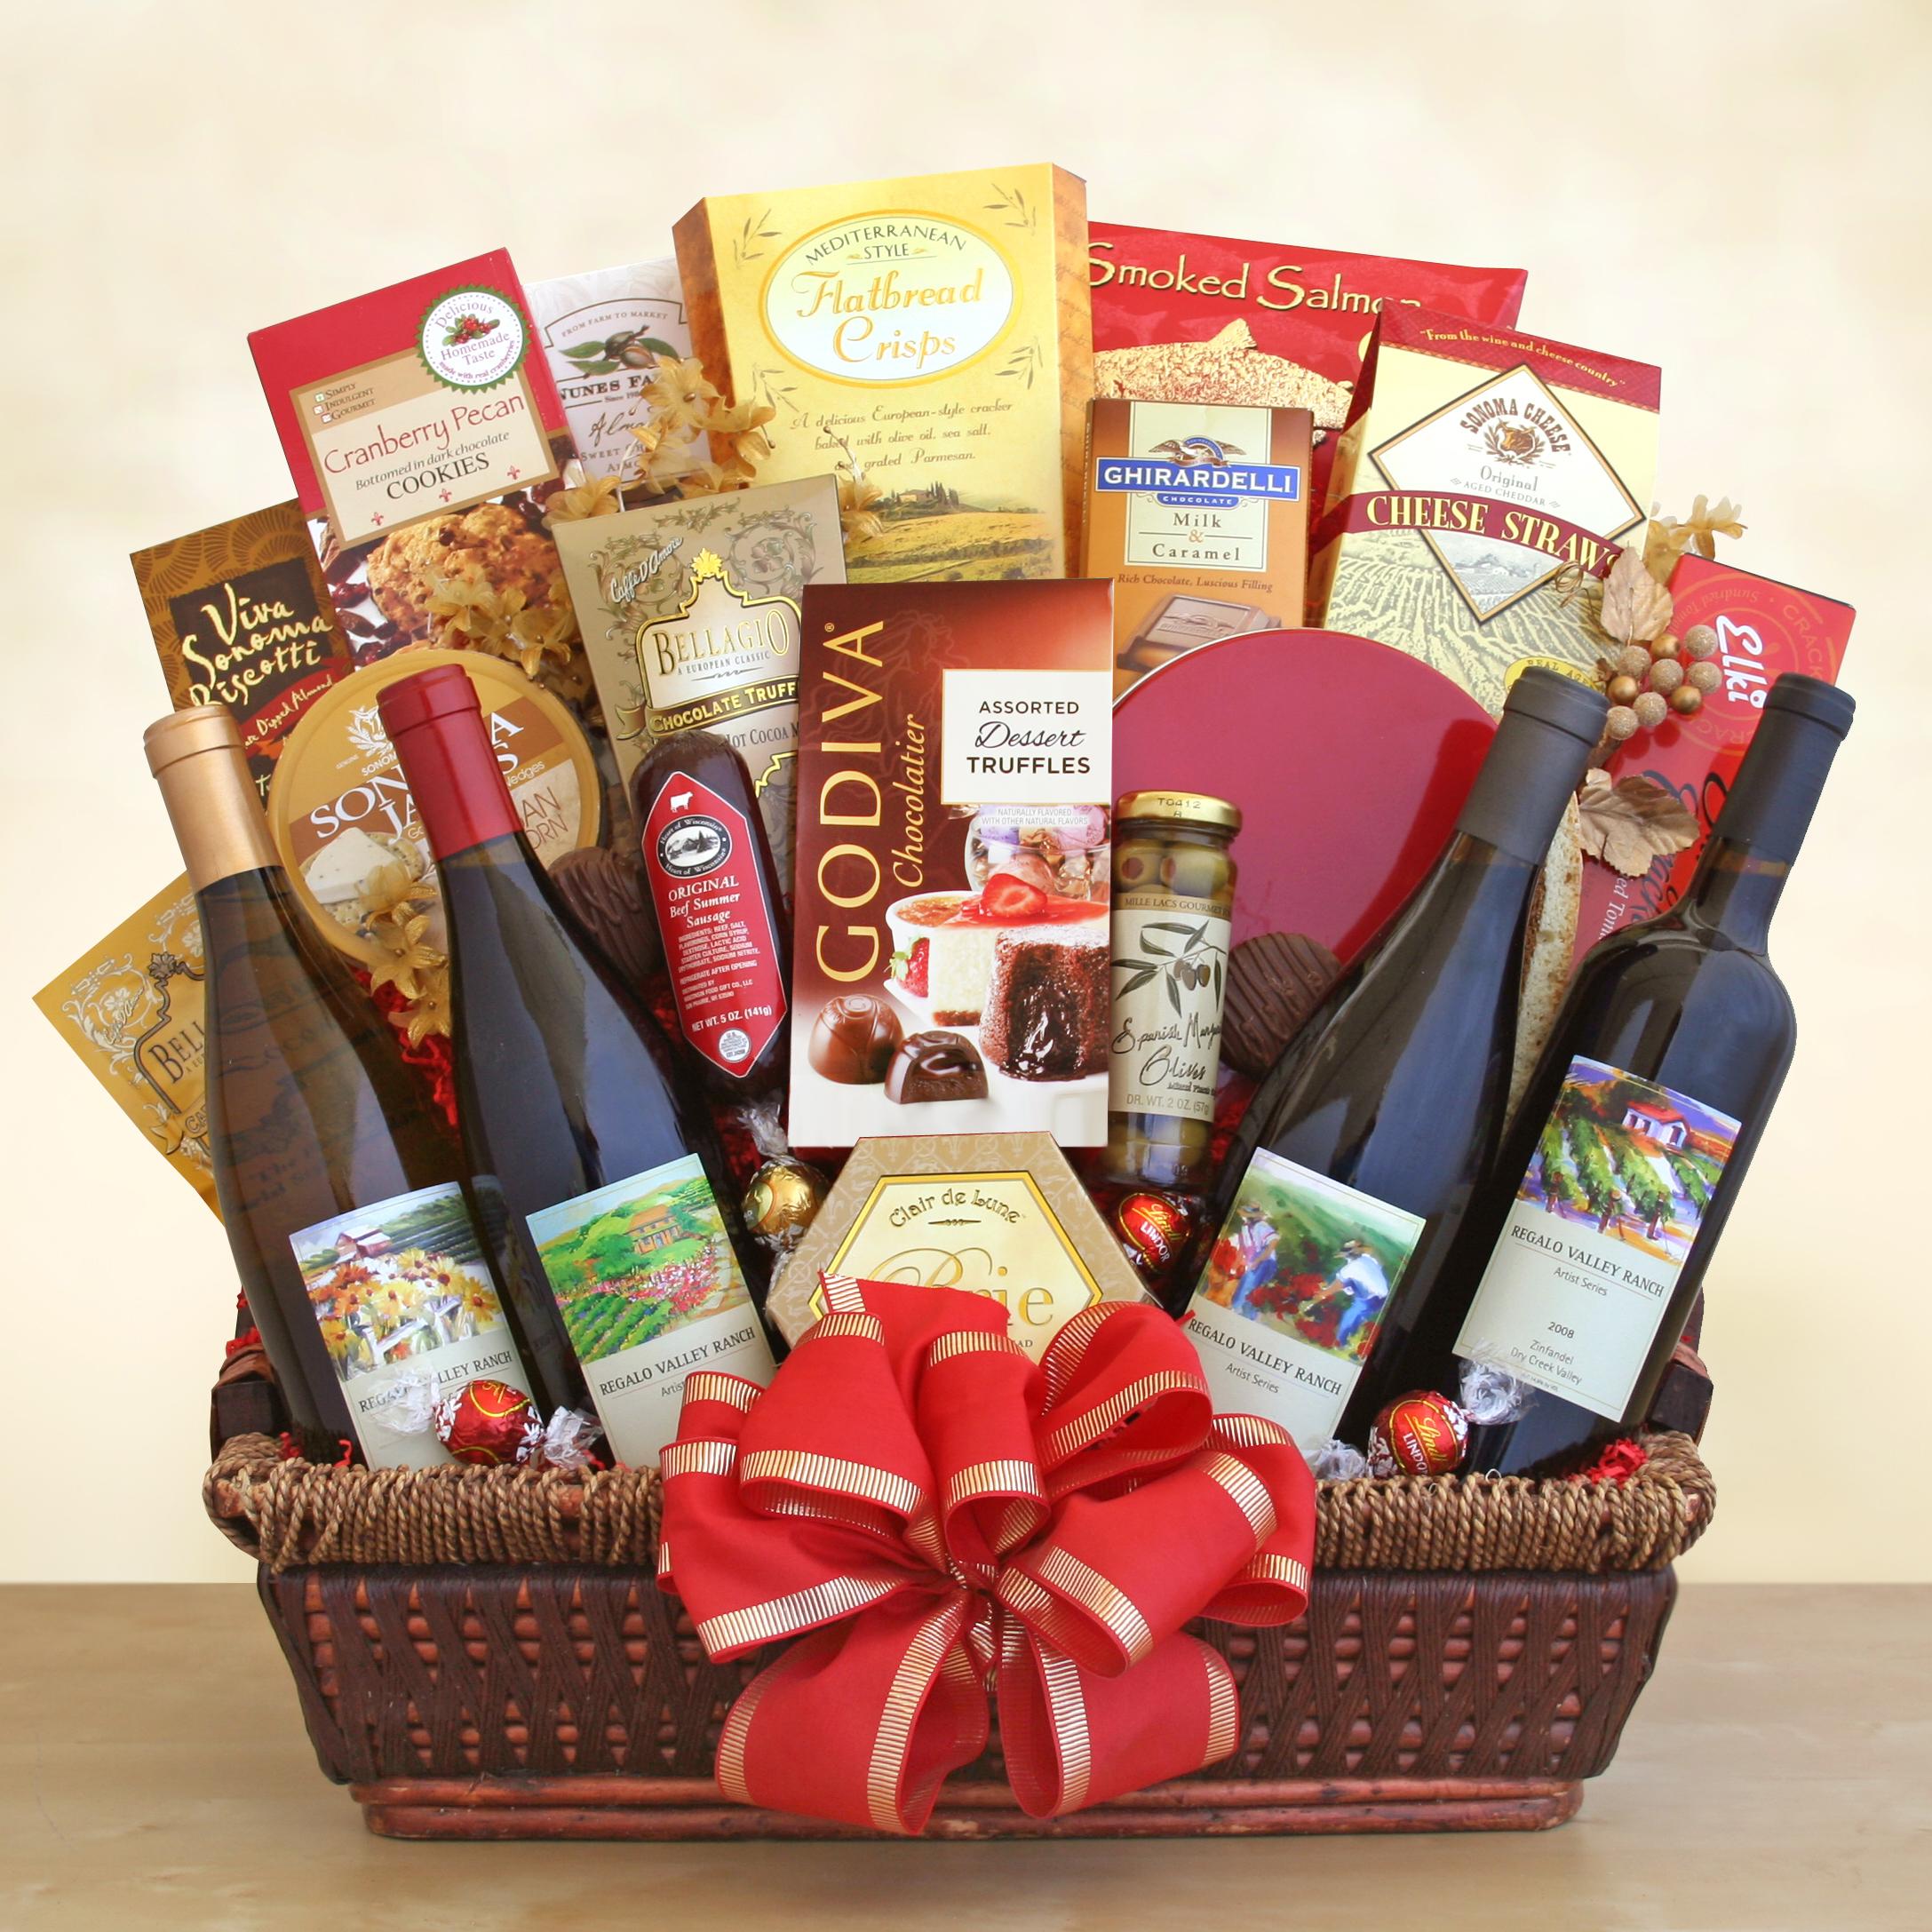 California splendor gift basket wine lovers shopping mall